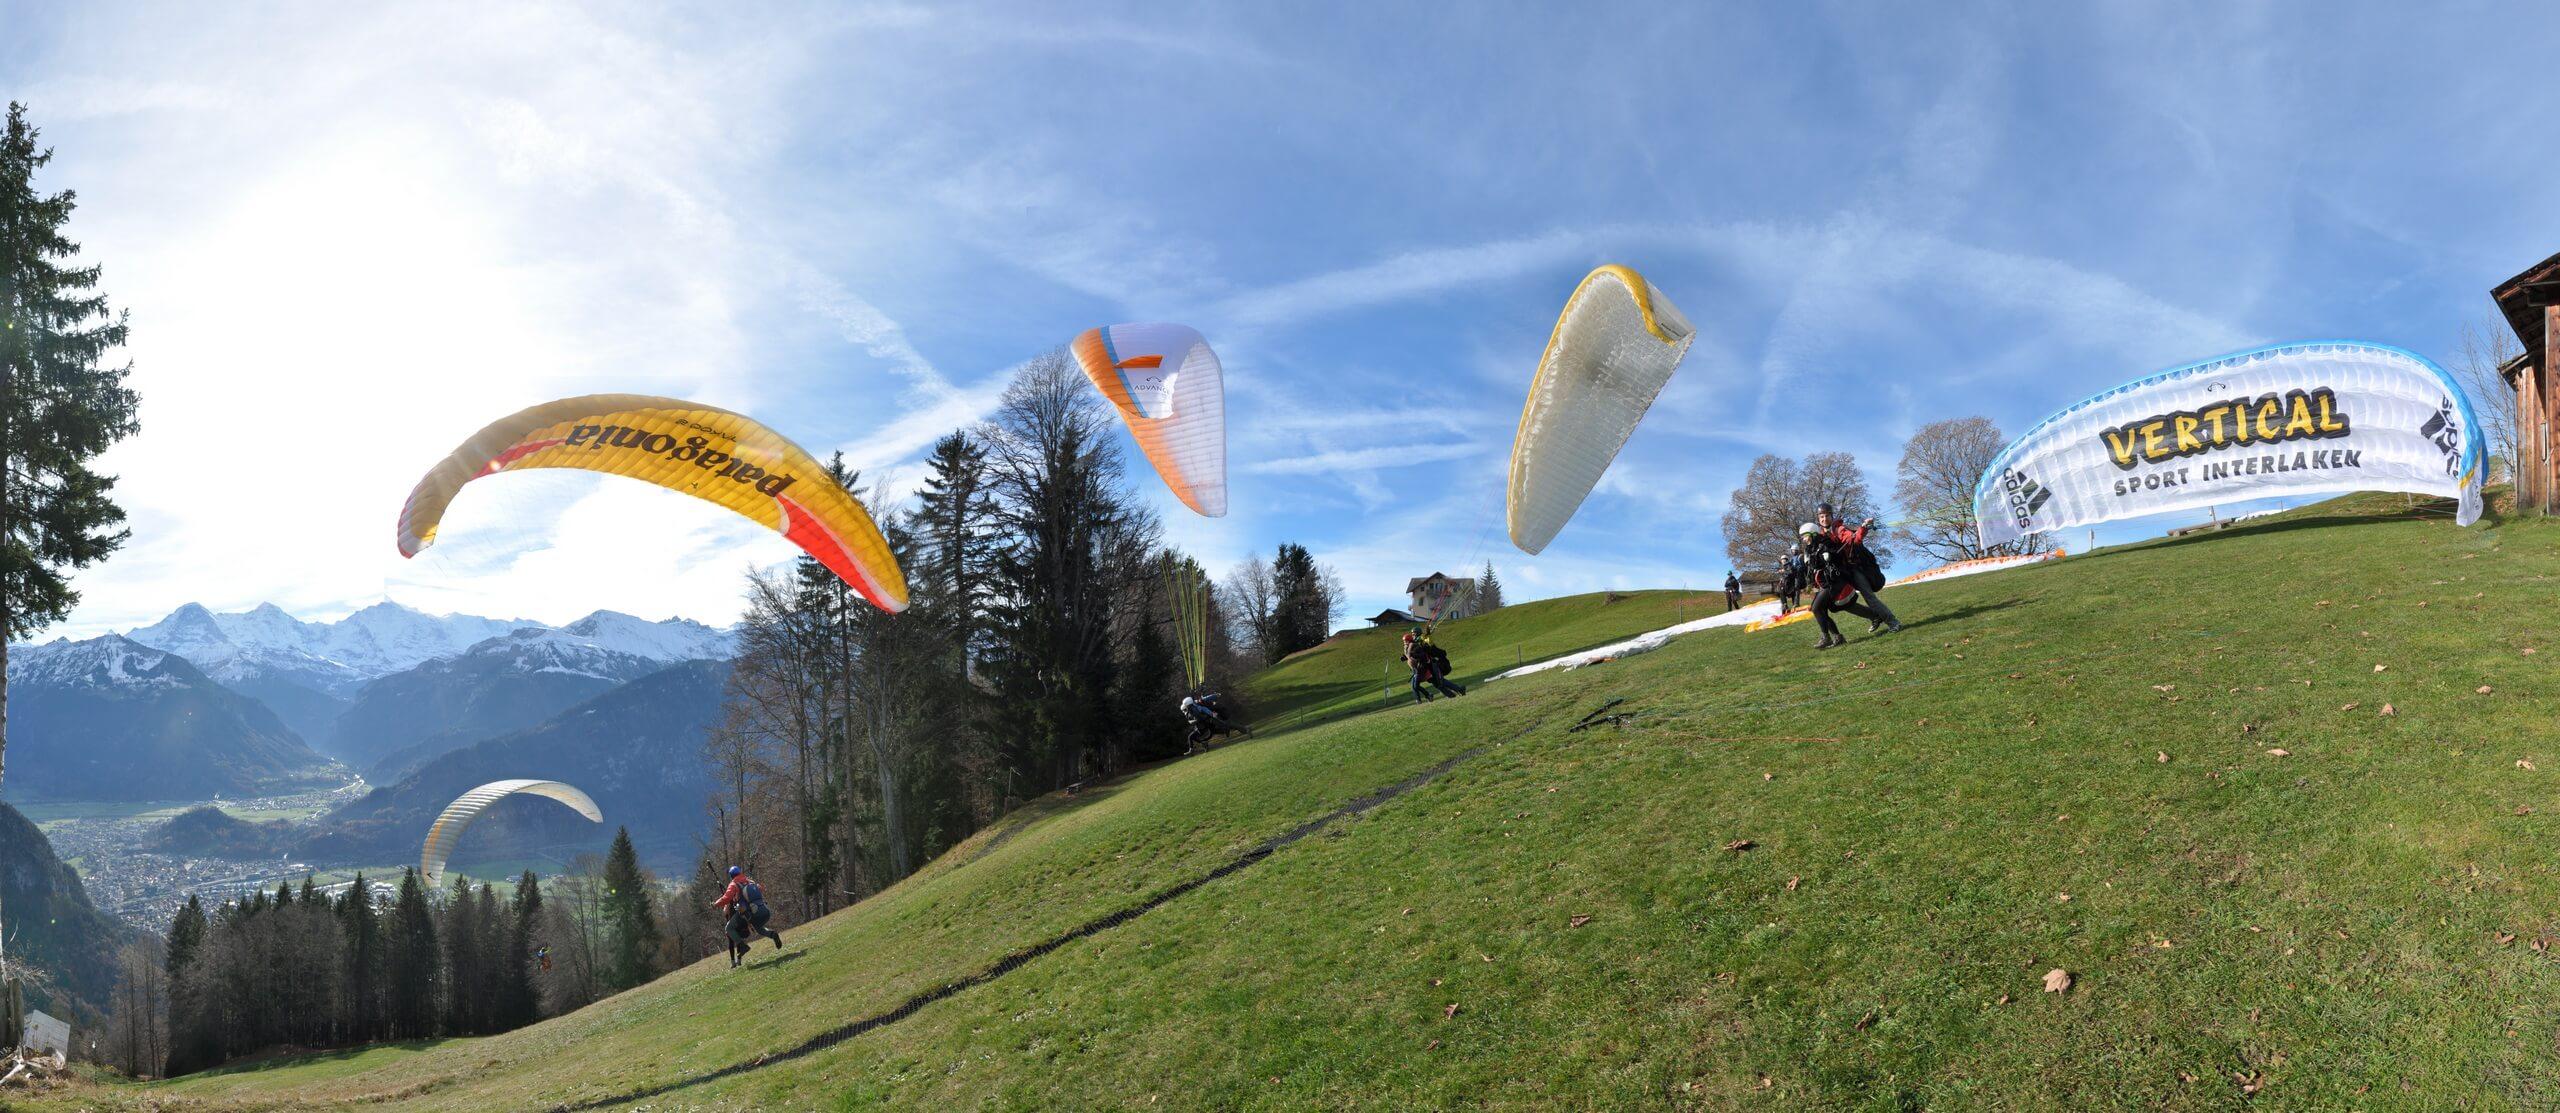 interlaken-twin-paragliding-sommer-fliegen